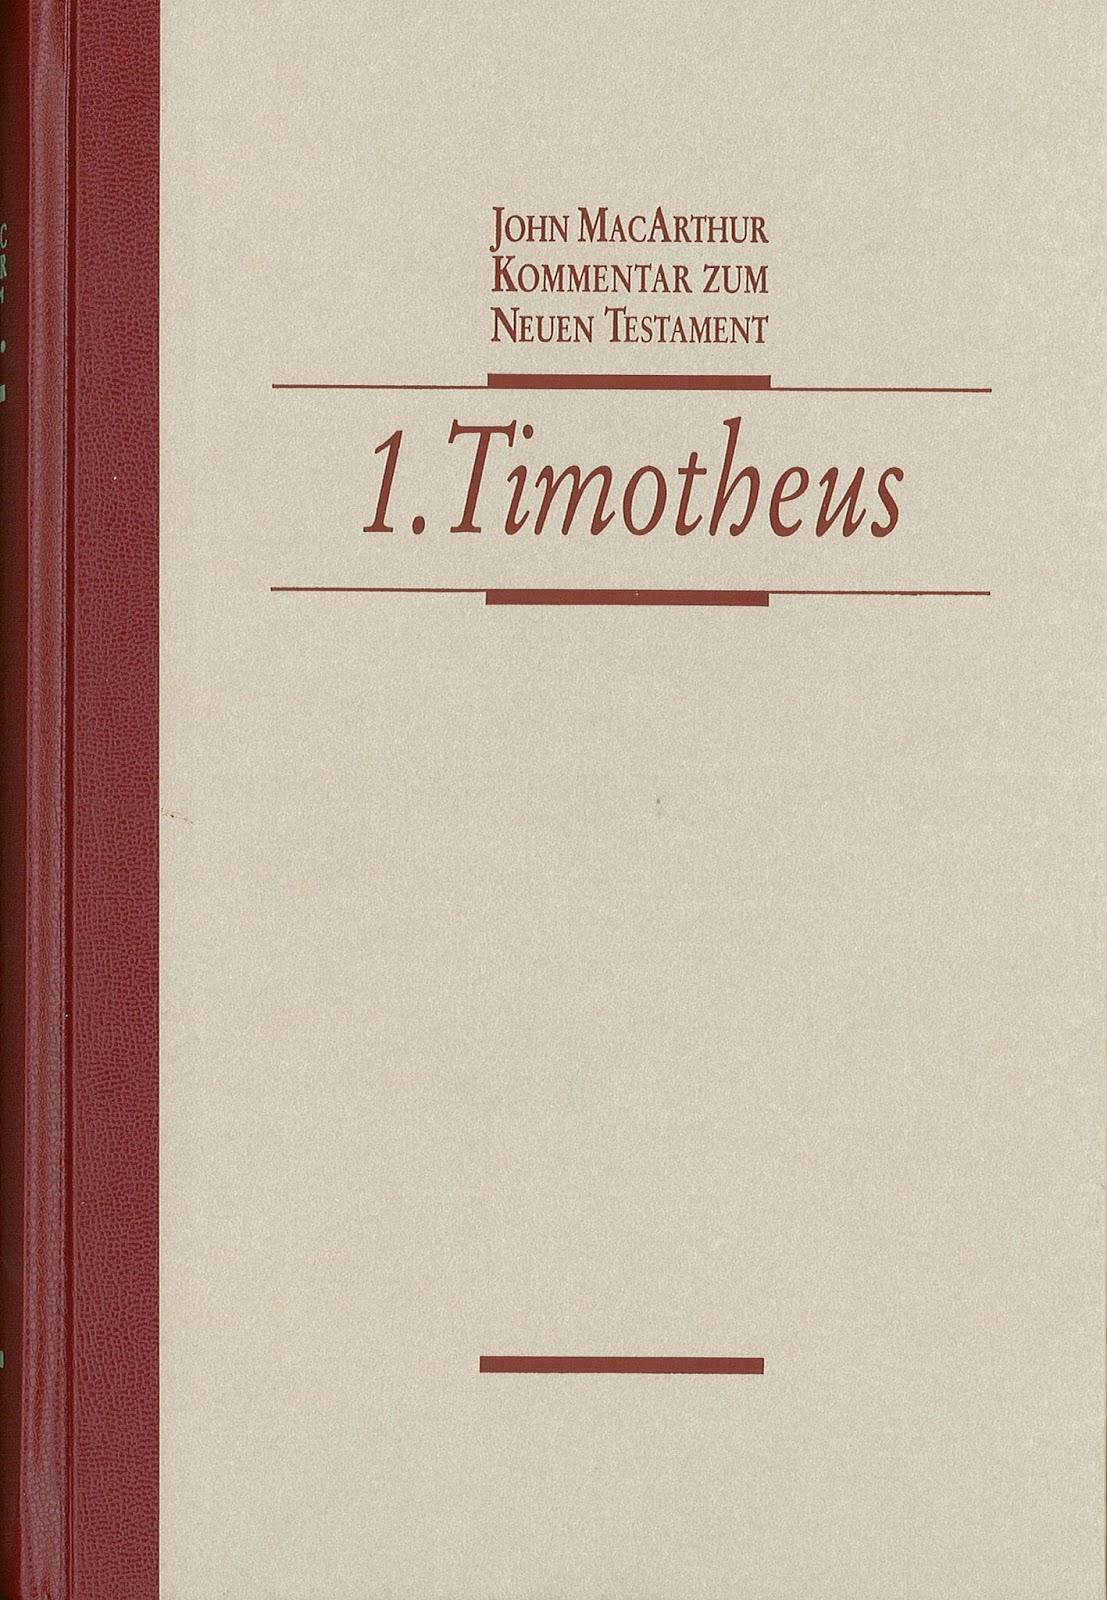 John MacArthur-Kommentar Zum Neuen Testament:1 Timotheus-